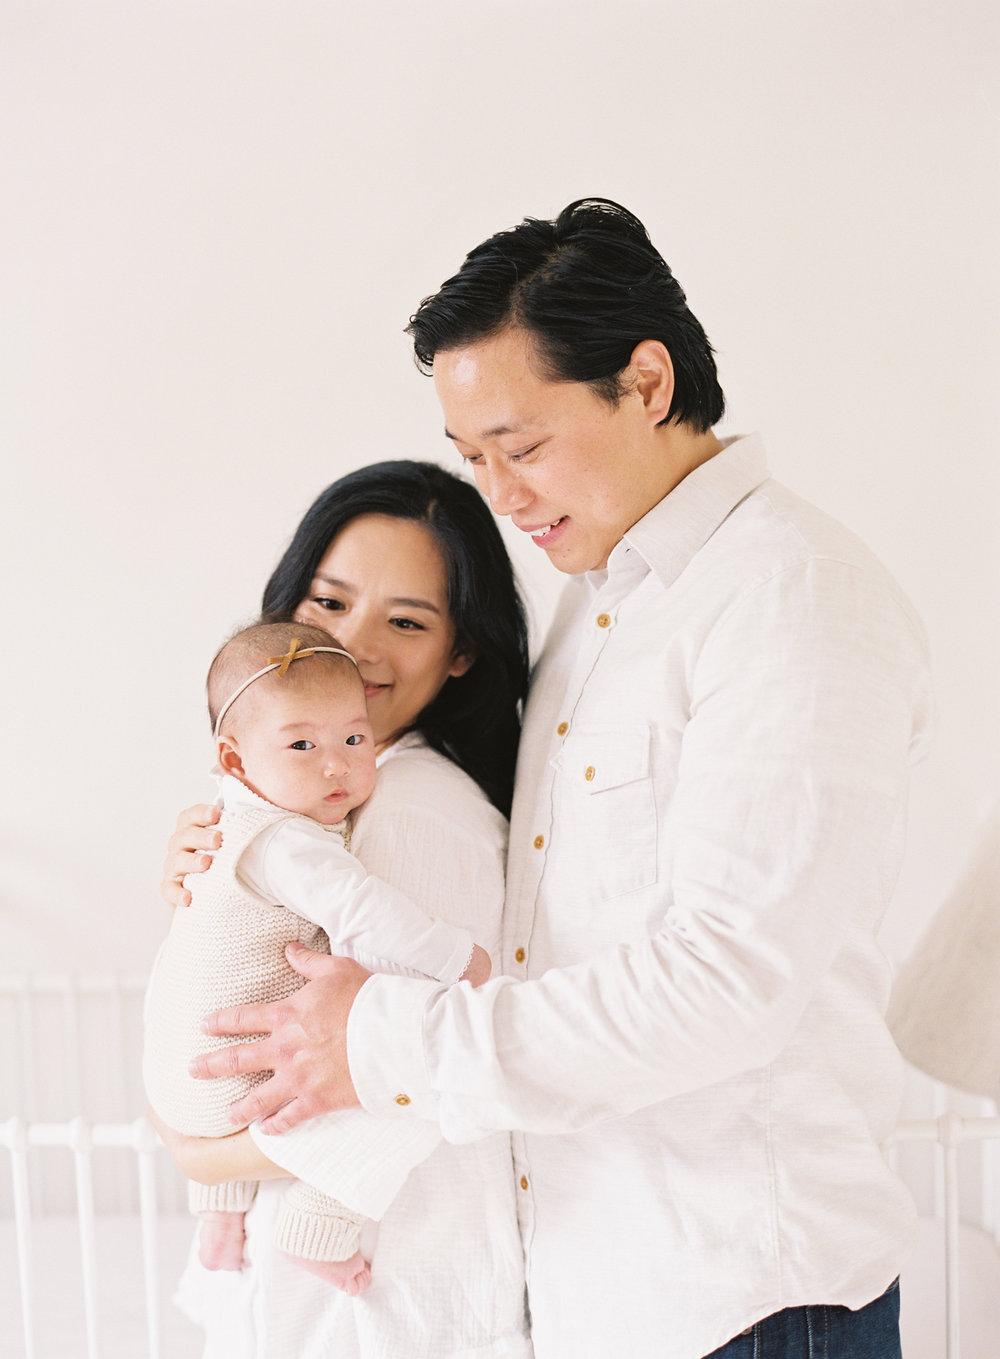 Pasadena_Newborn_Photos-26-Jen_Huang-008853-R1-002.jpg